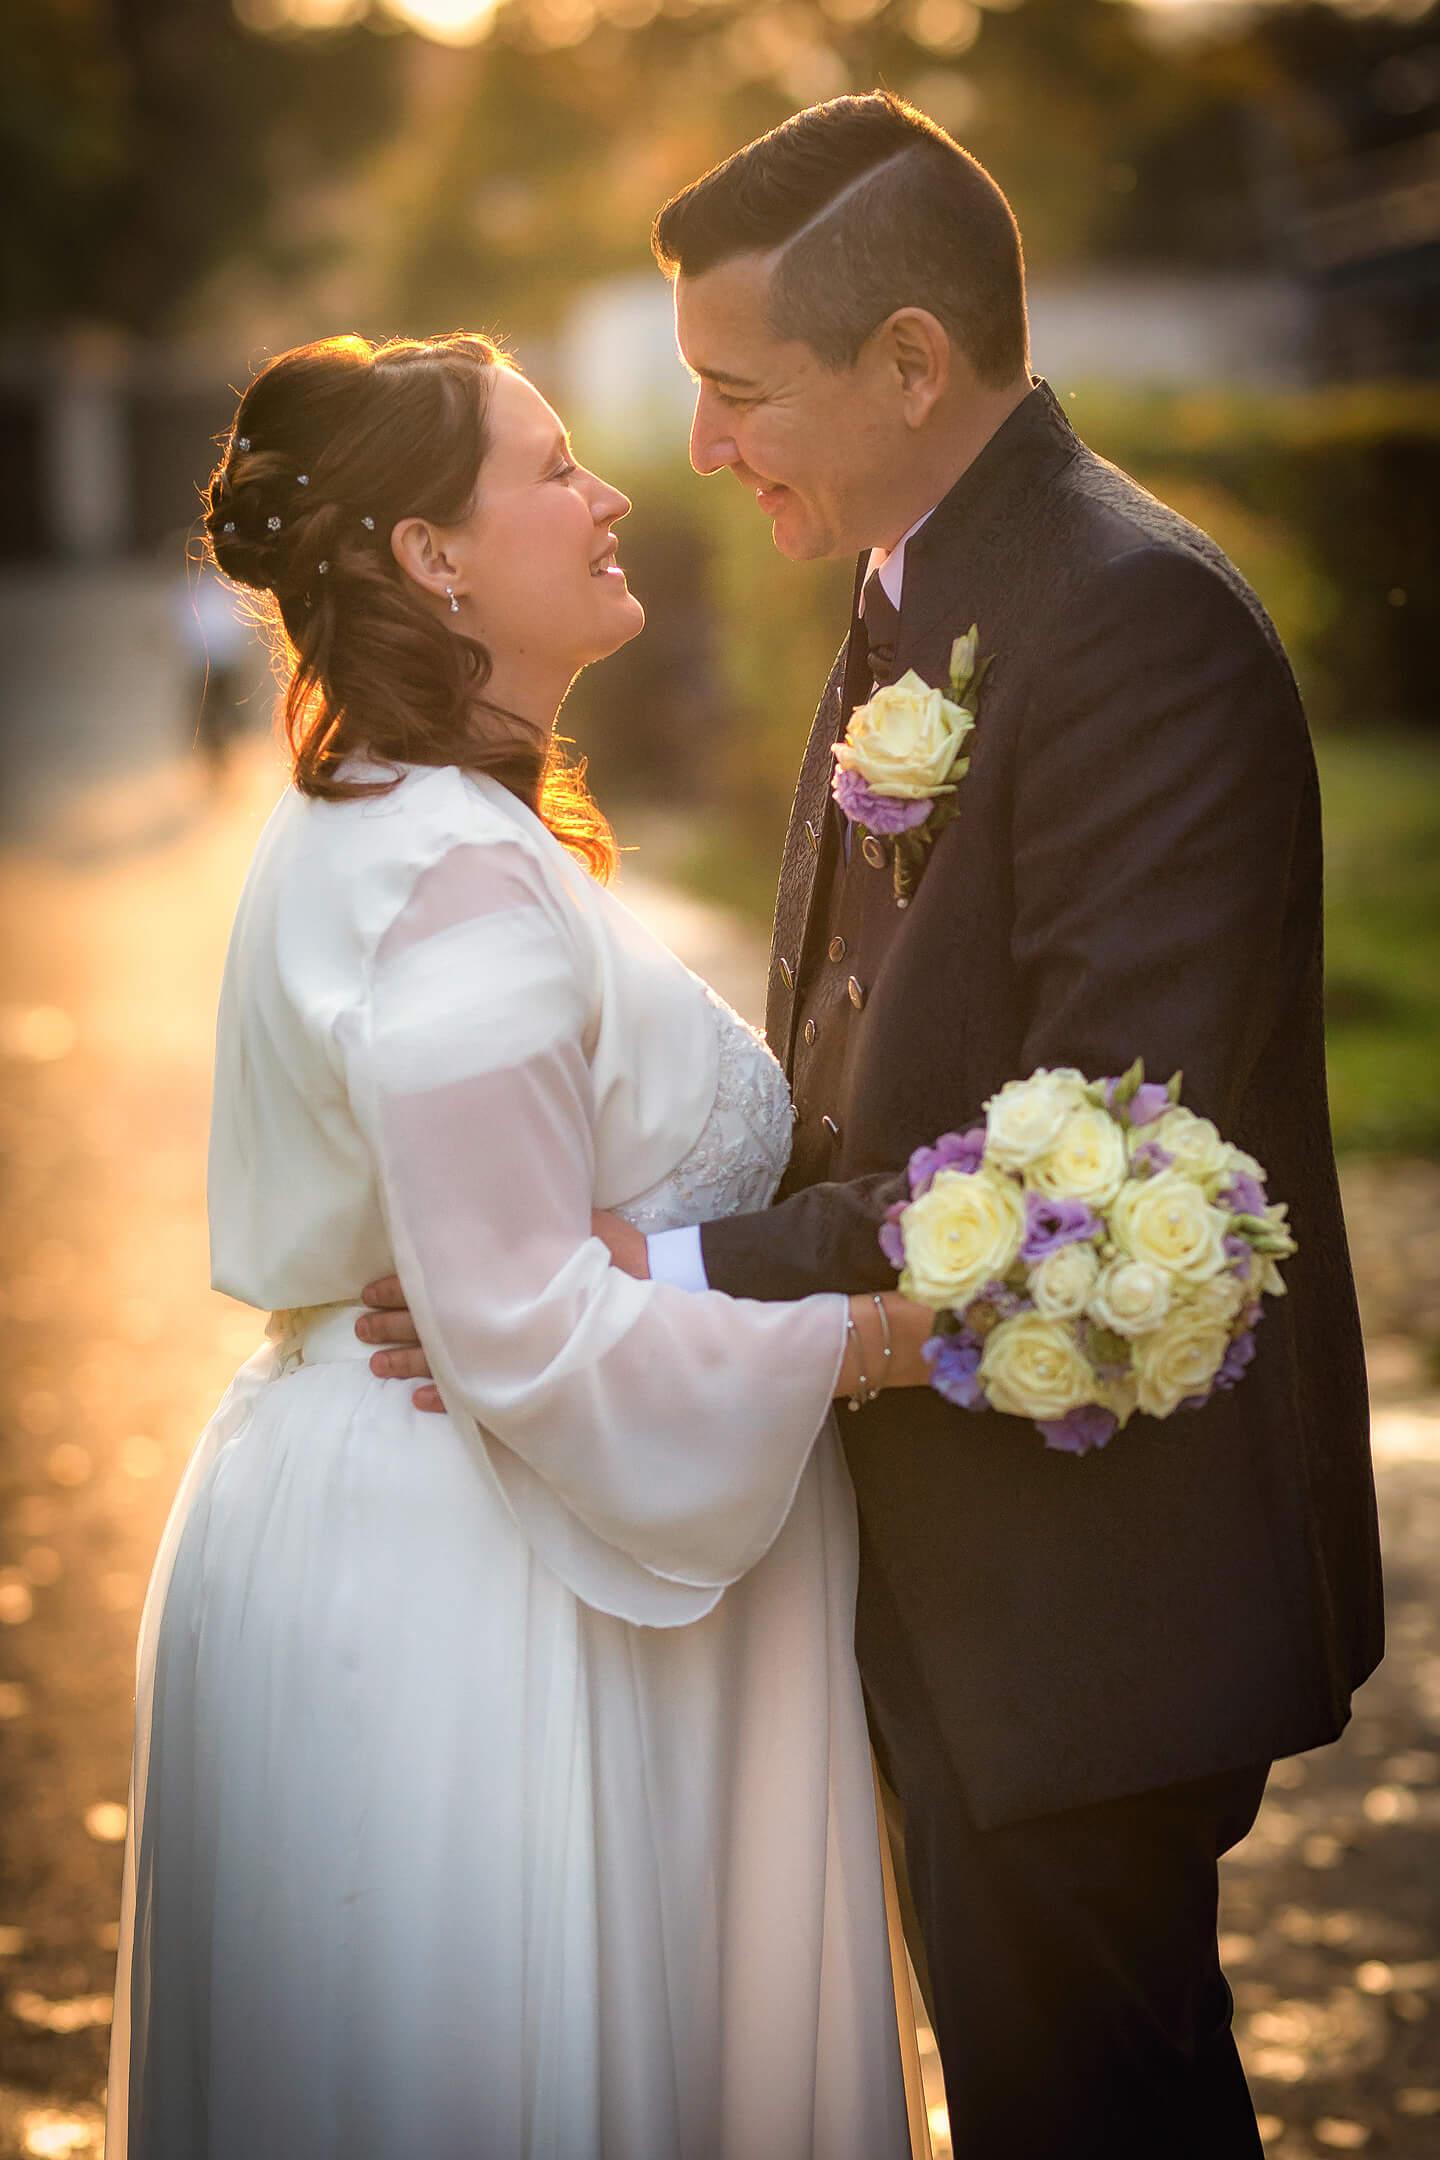 Hochzeitsfotos im warmen Licht der untergehenden Sonne